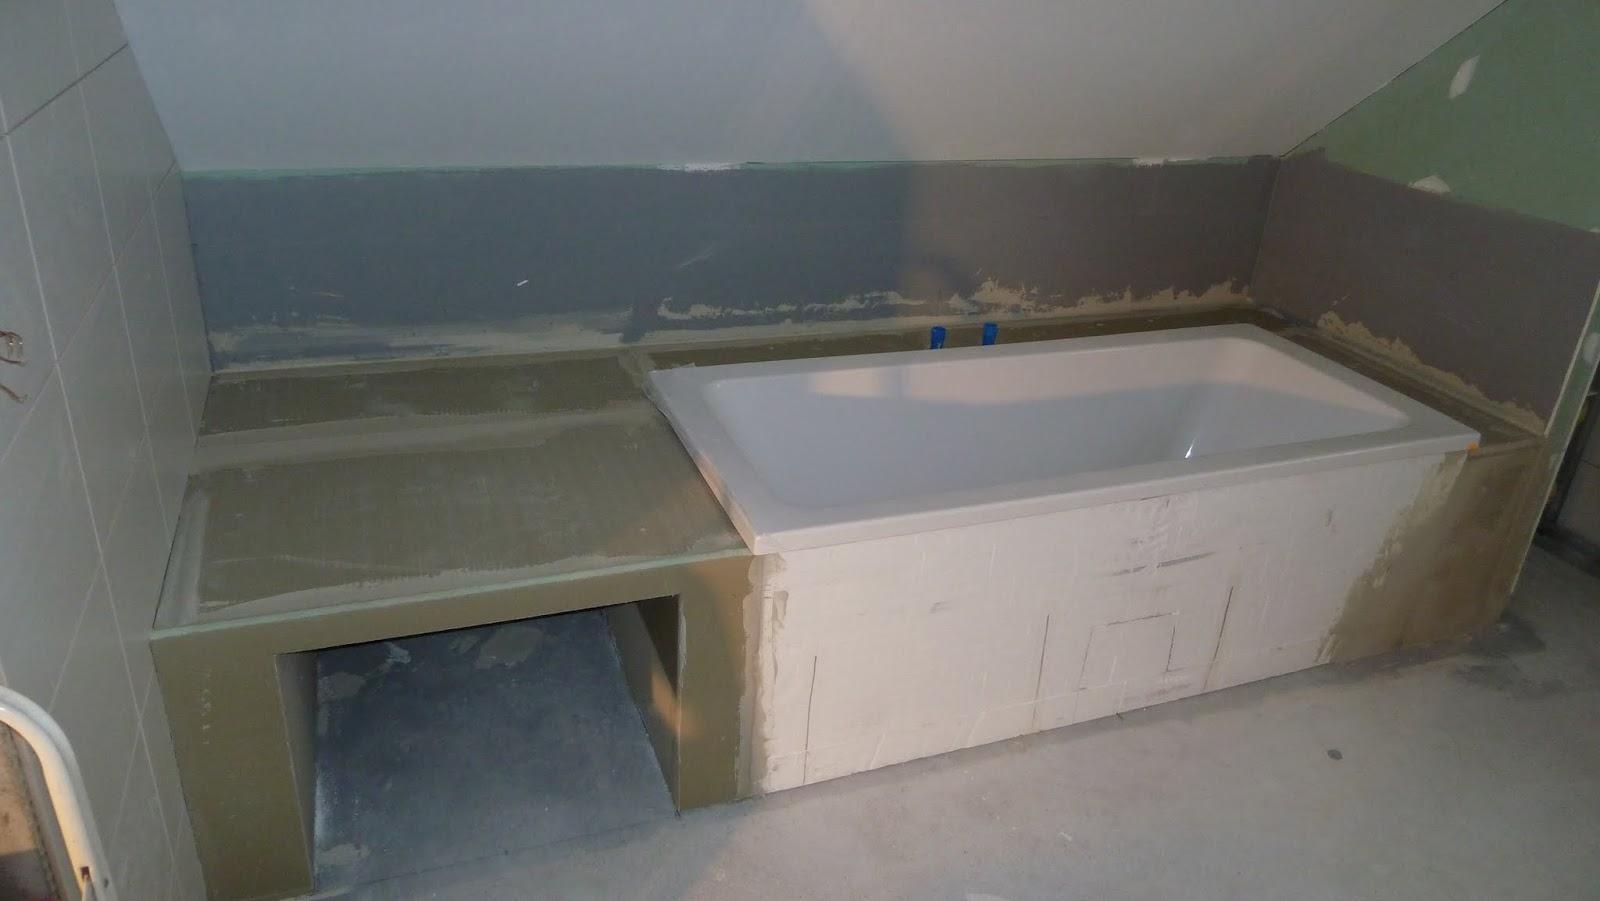 badewanne mit fliesen verkleiden badezimmer mit fliesen in einer holzoptik v andb subway 2. Black Bedroom Furniture Sets. Home Design Ideas